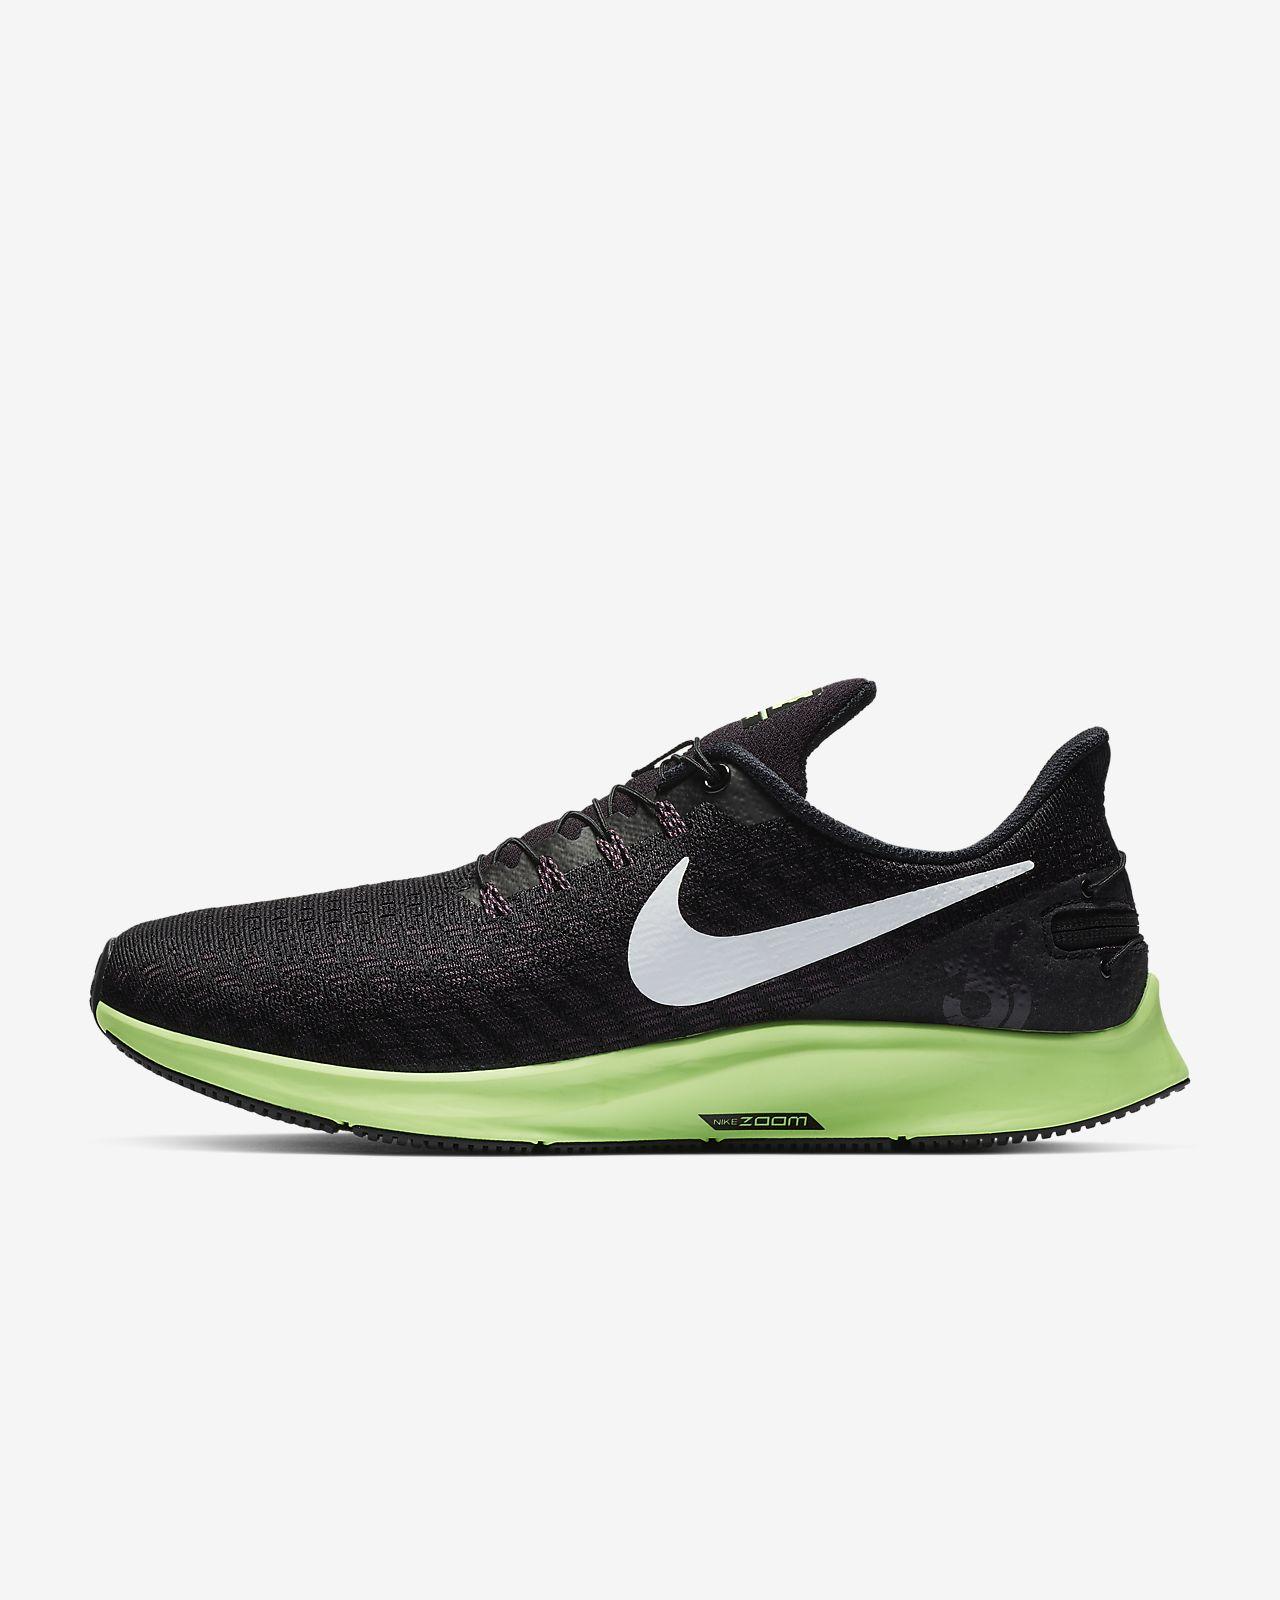 best website 90400 4b837 Nike Air Zoom Pegasus 35 FlyEase løpesko til herre. Nike.com NO